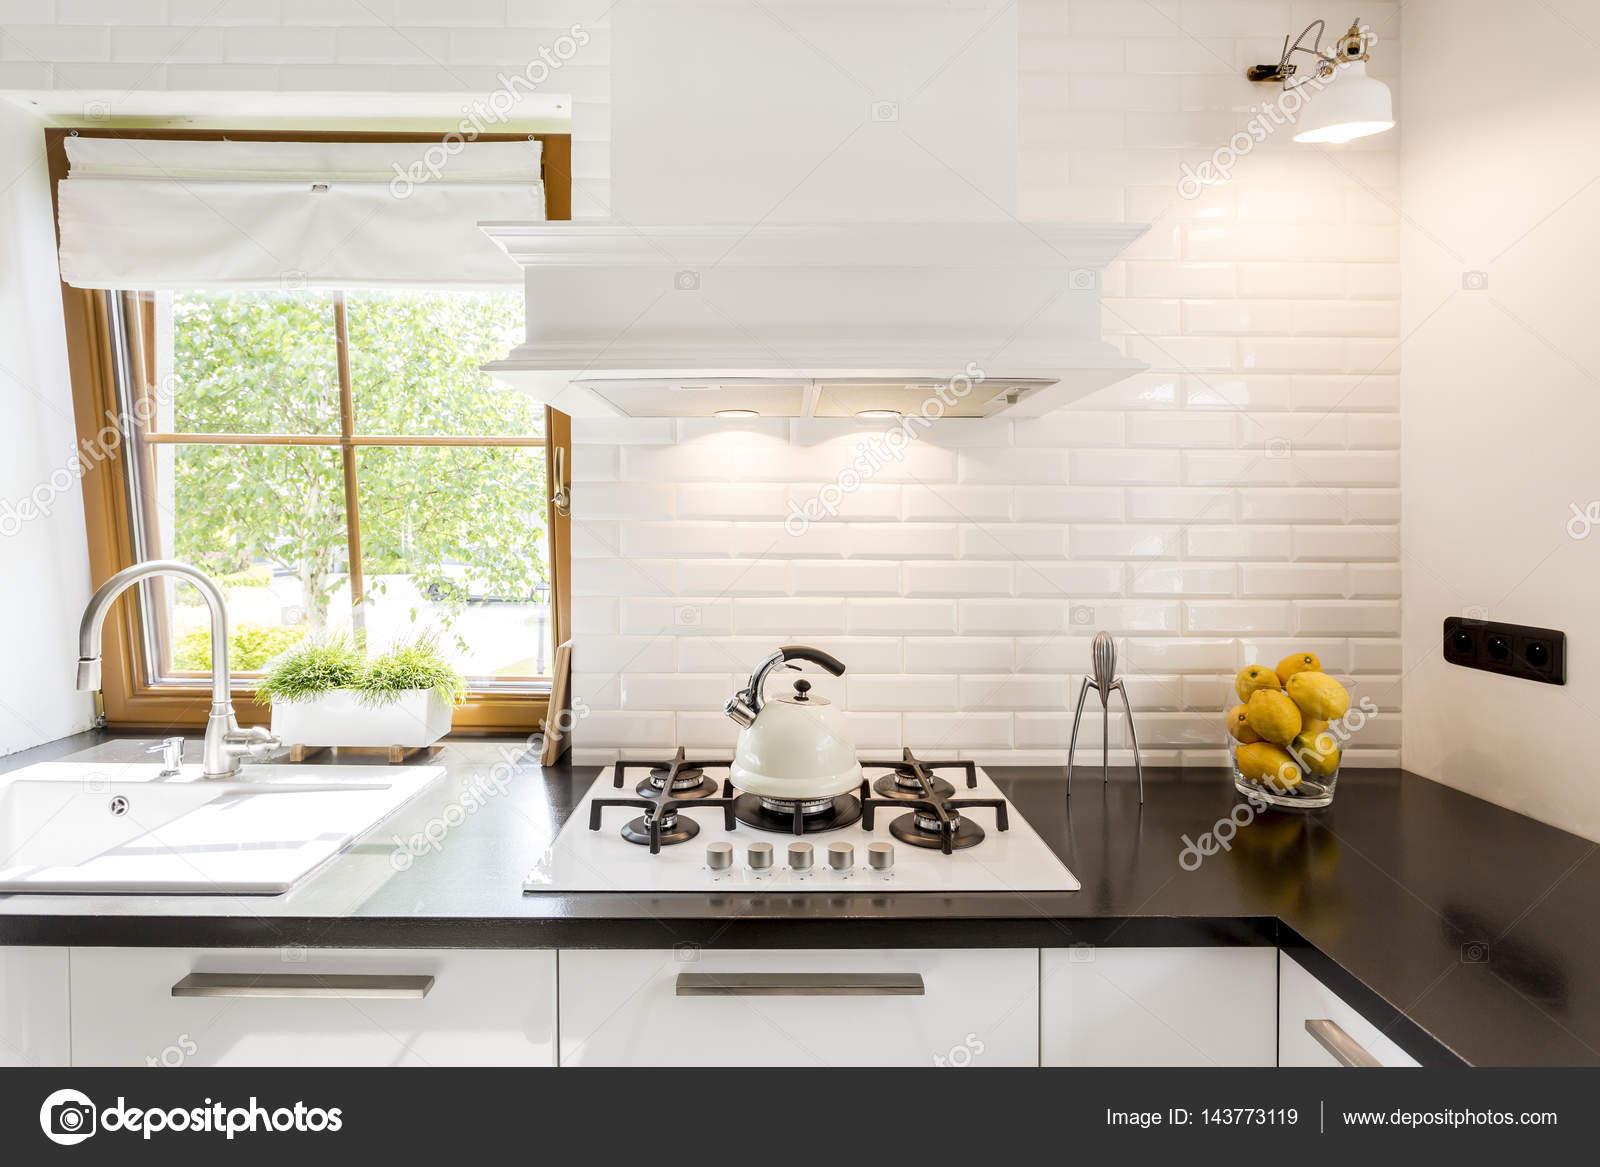 Biała Kuchnia Z Czarny Blat Zdjęcie Stockowe